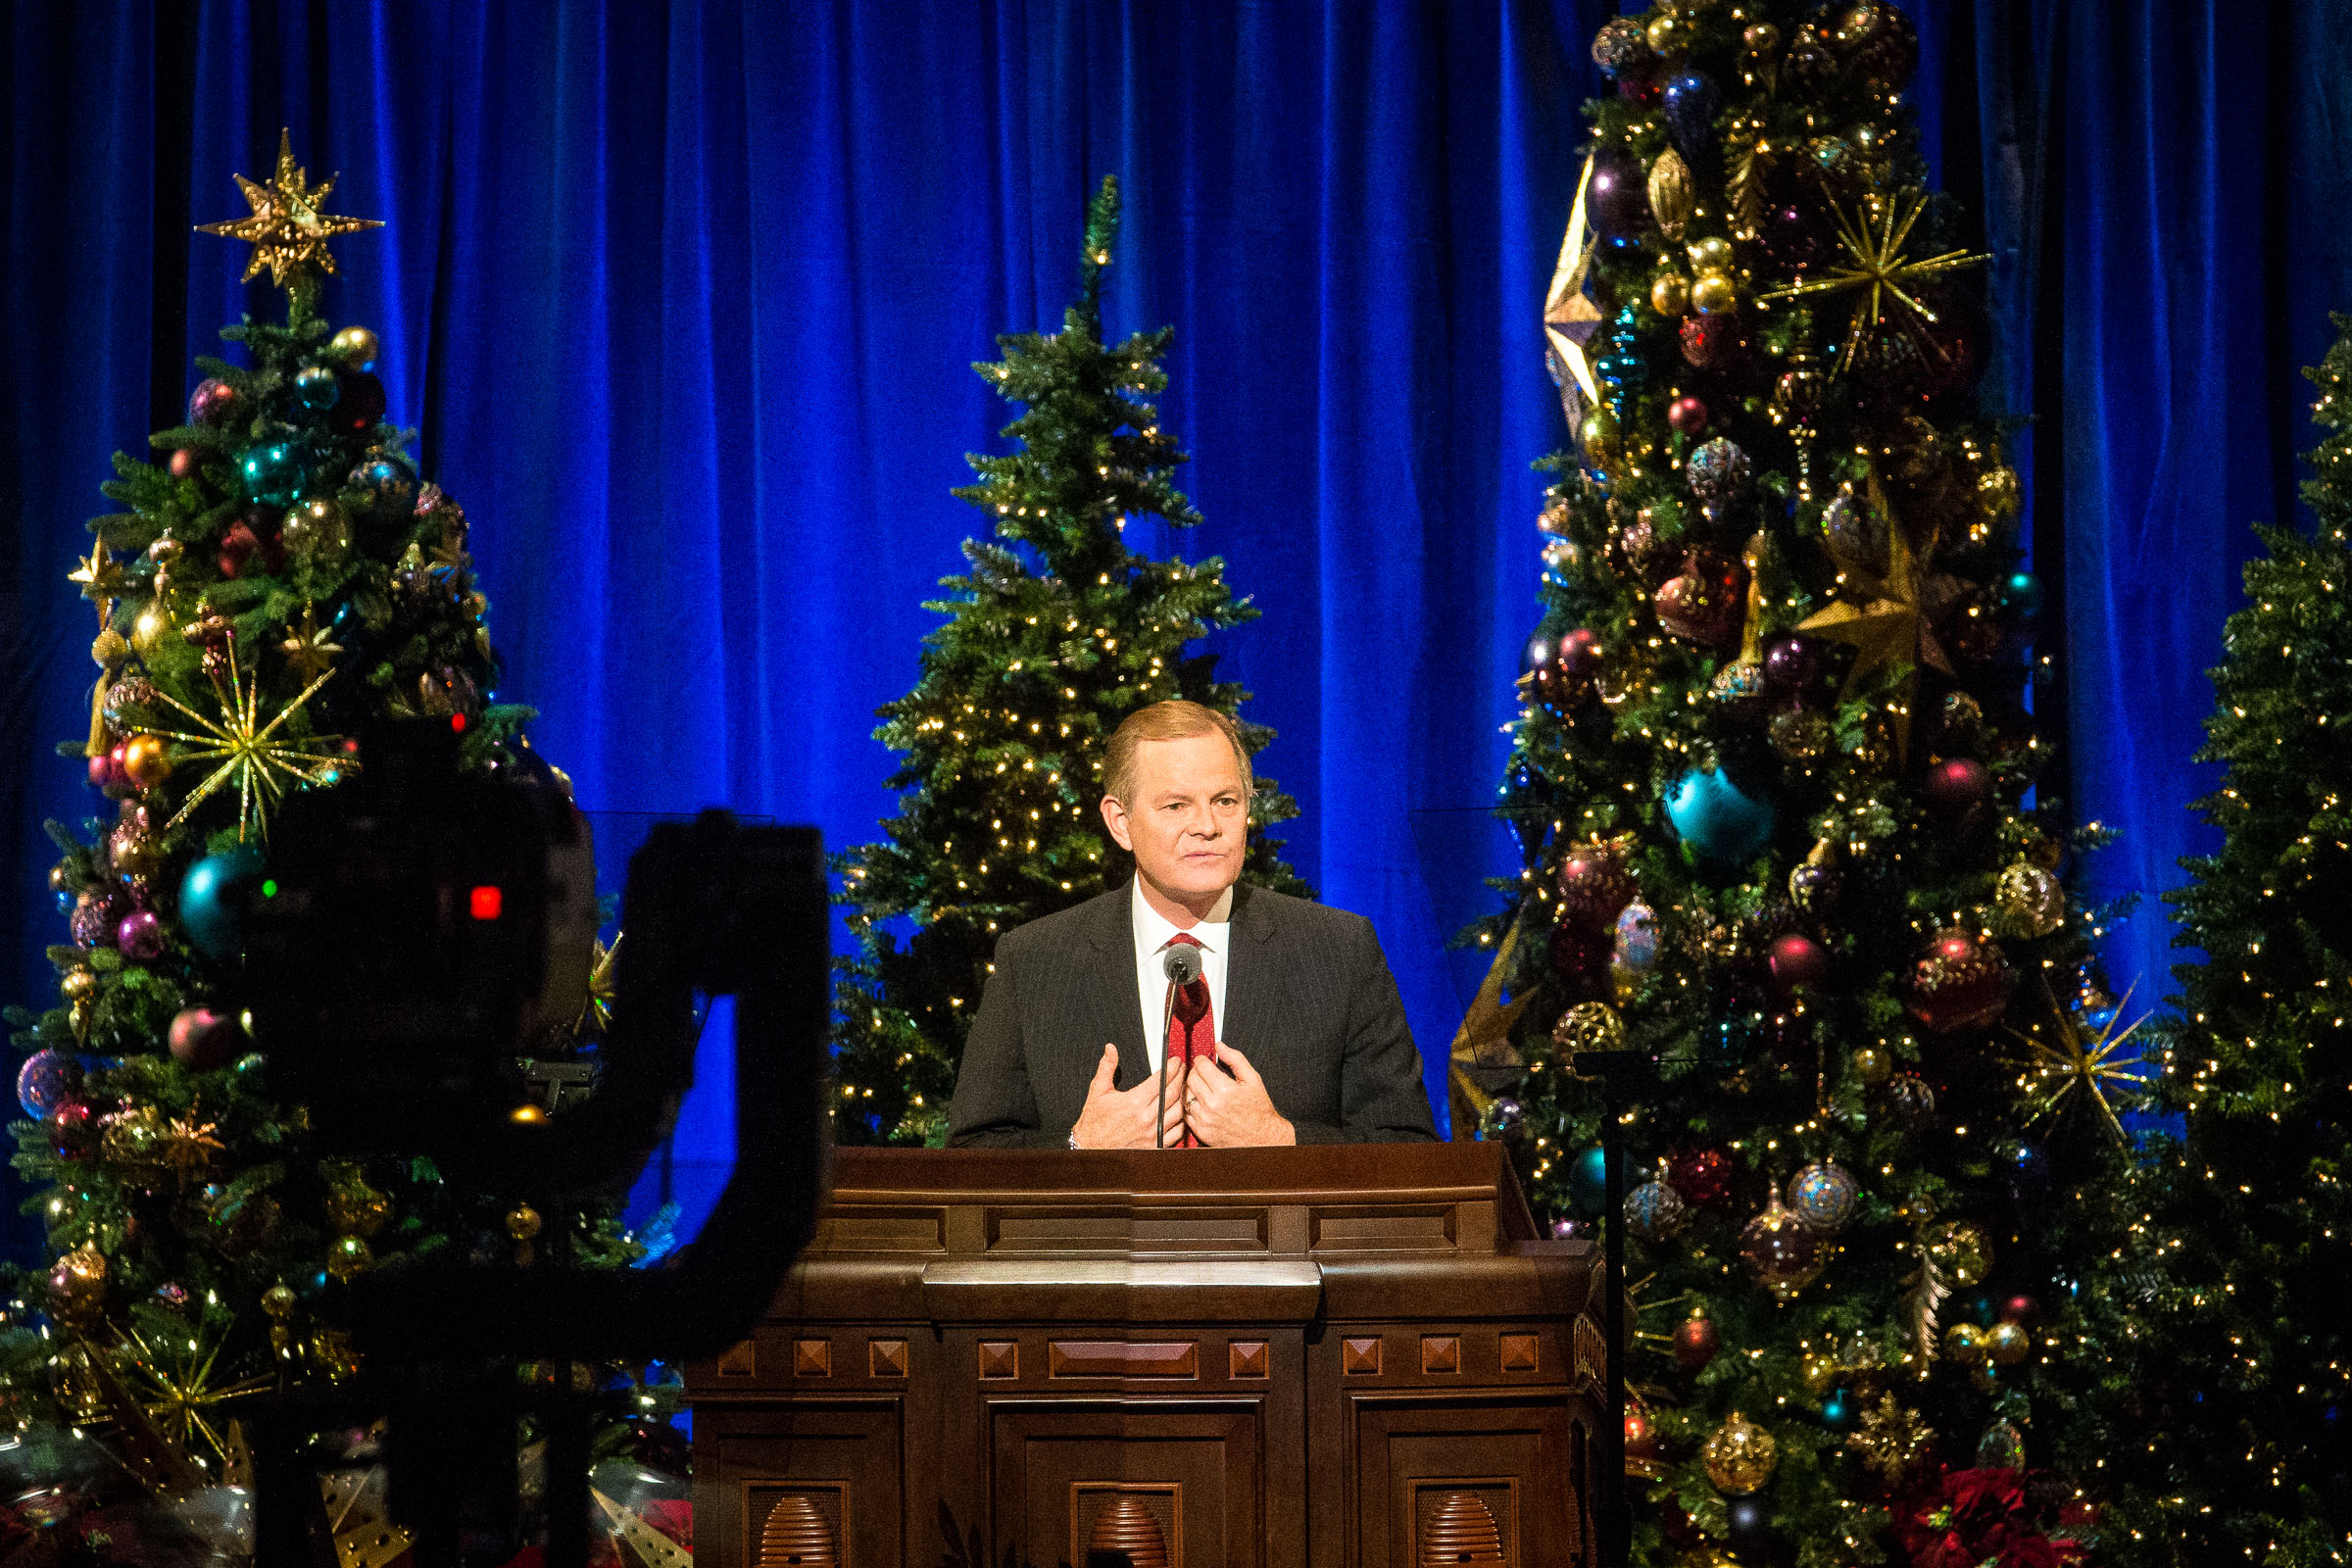 Elder Gary E. Stevenson of the Quorum of the Twelve Apostles speaks during the First Presidency's Christmas Devotional in the Conference Center in Salt Lake City on Sunday, Dec. 2, 2018.